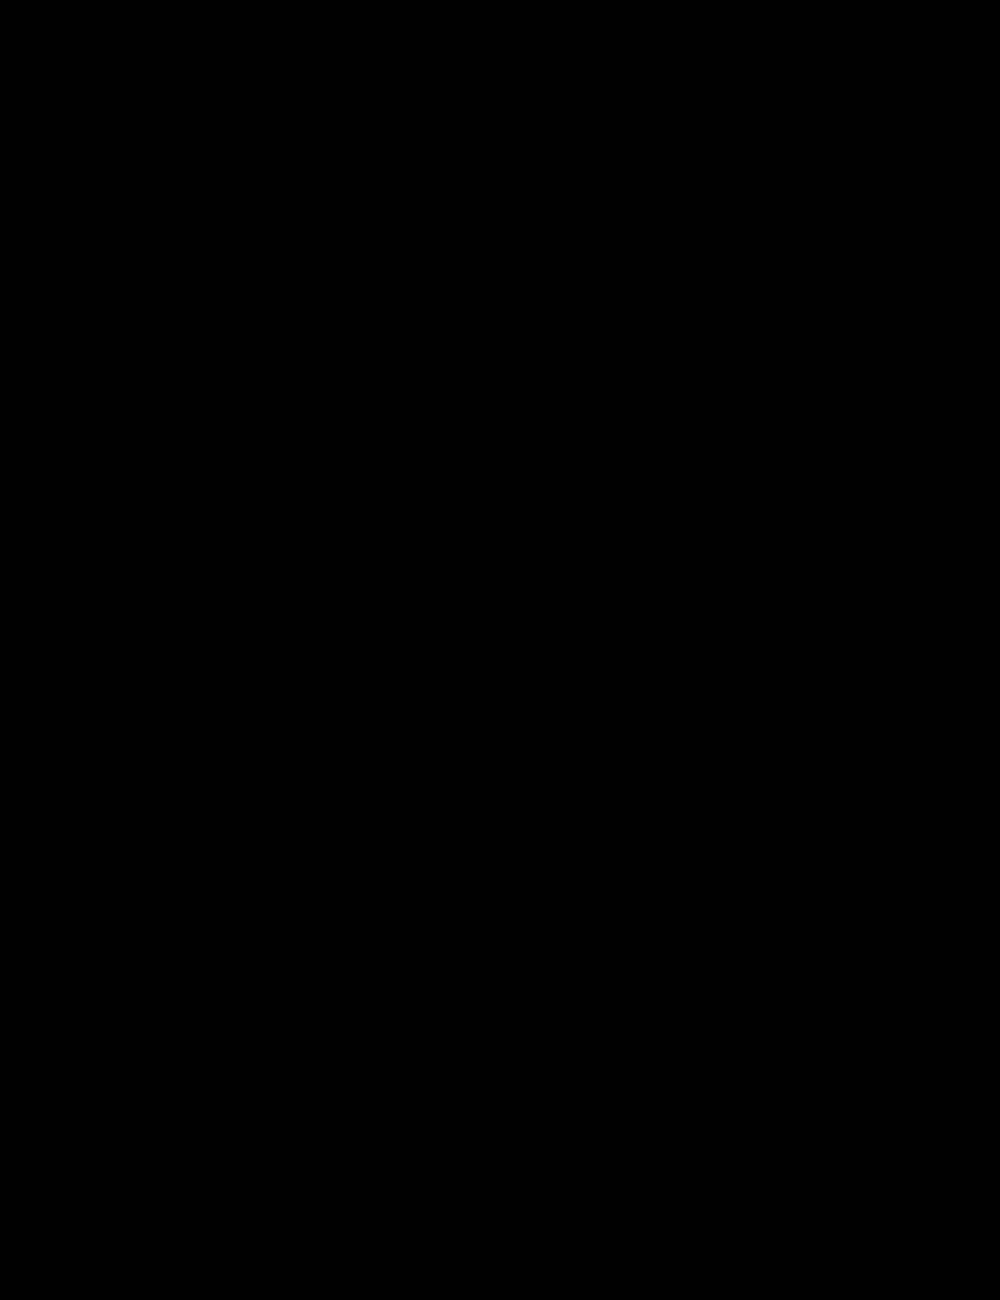 LightSailVR_Vector.png